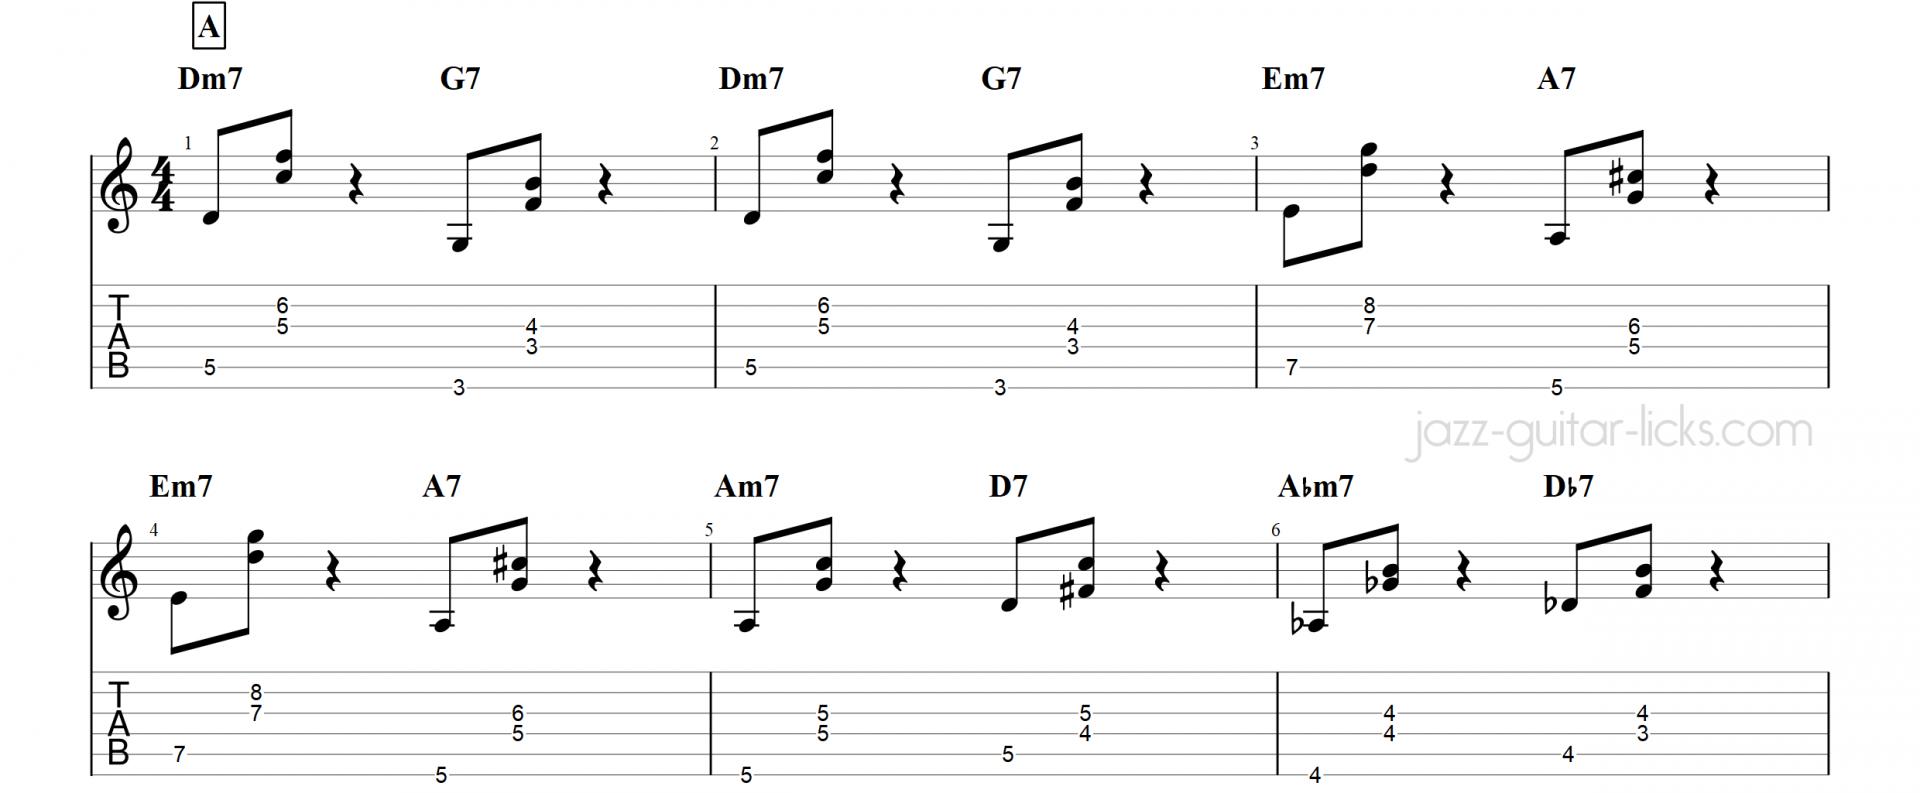 Satin doll basic jazz guitar chords